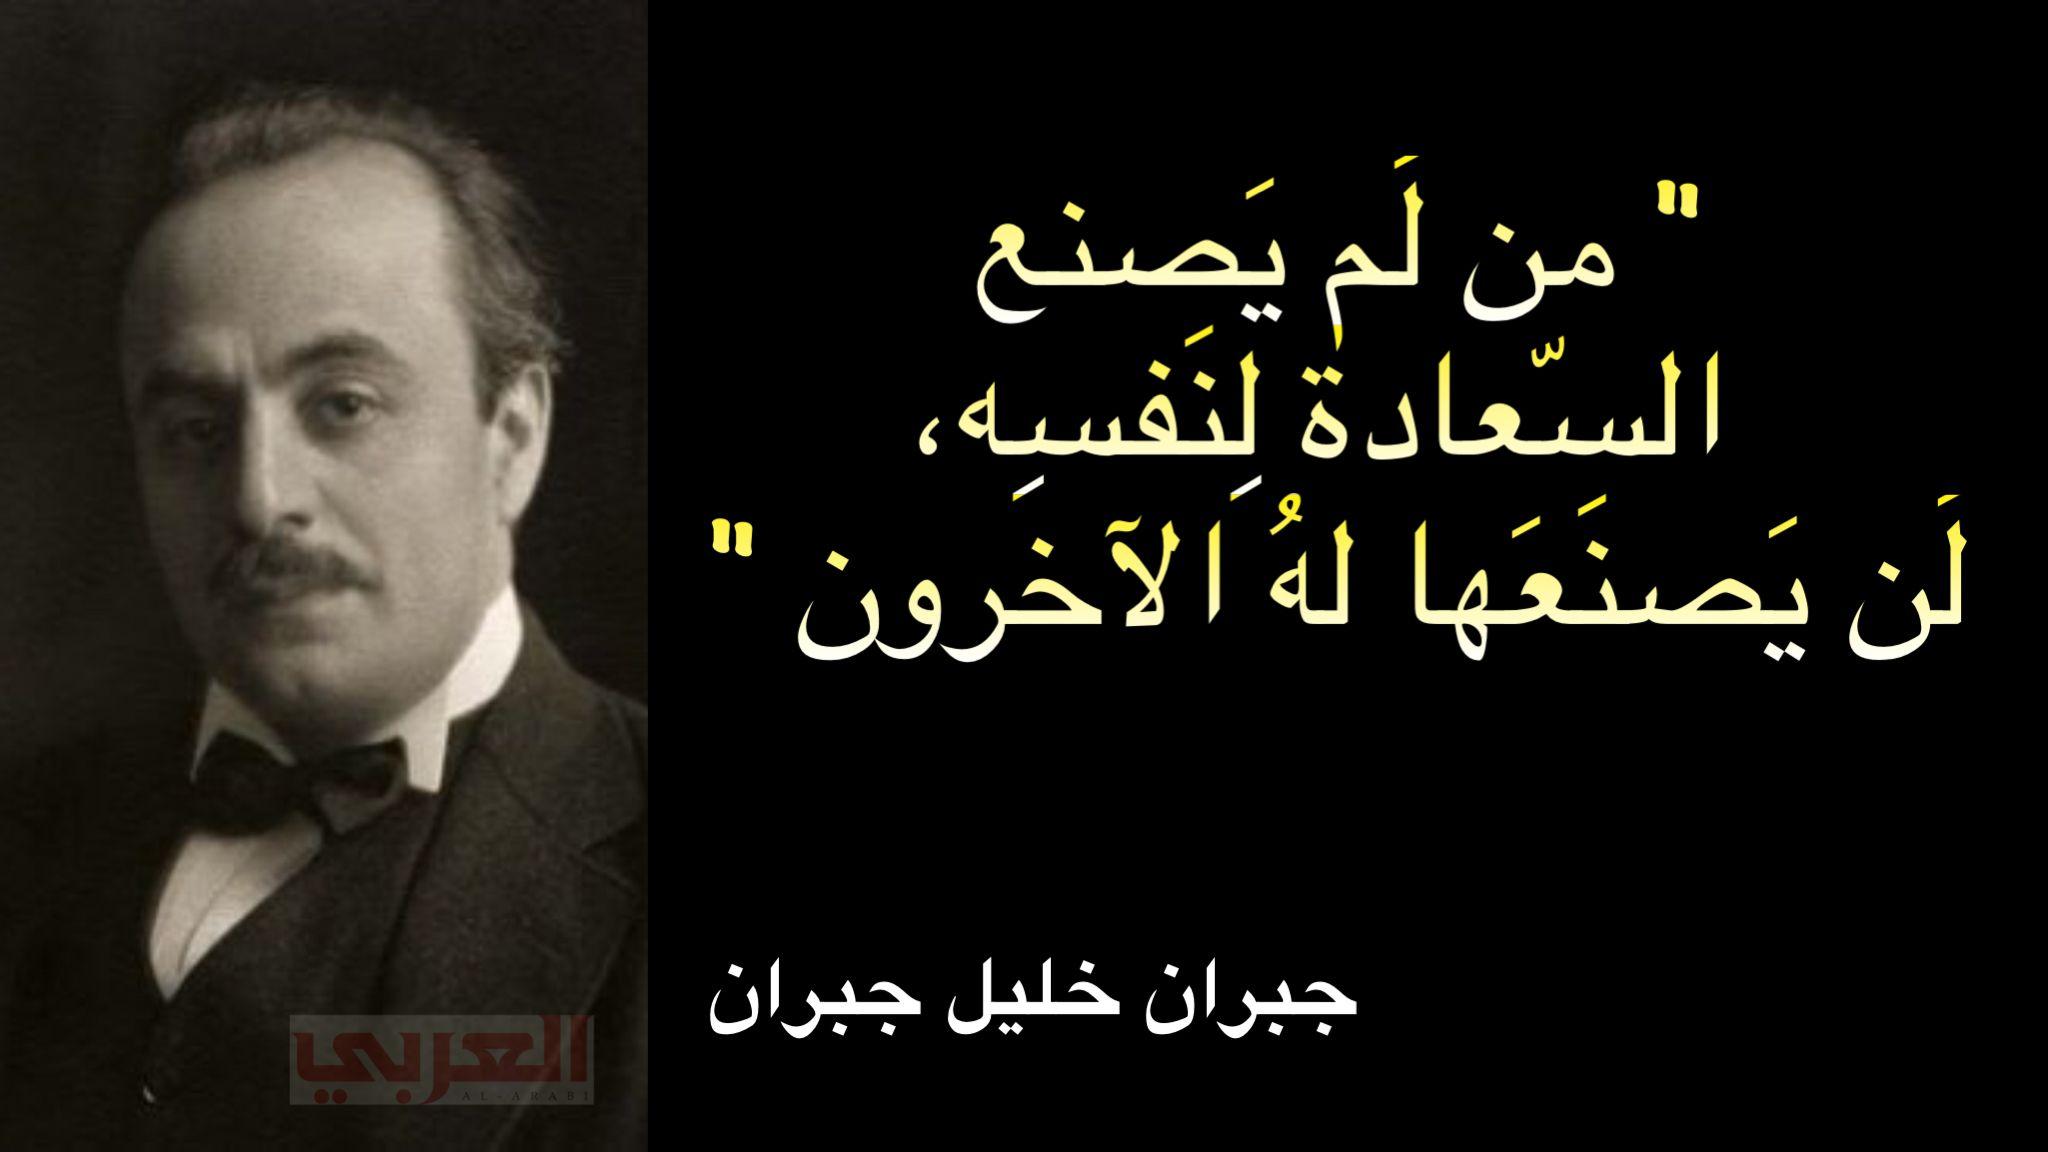 من لم يصنع السعادة لنفسه لن يصنعها له الآخرون جبران خليل جبران Arabic Words Words Wisdom